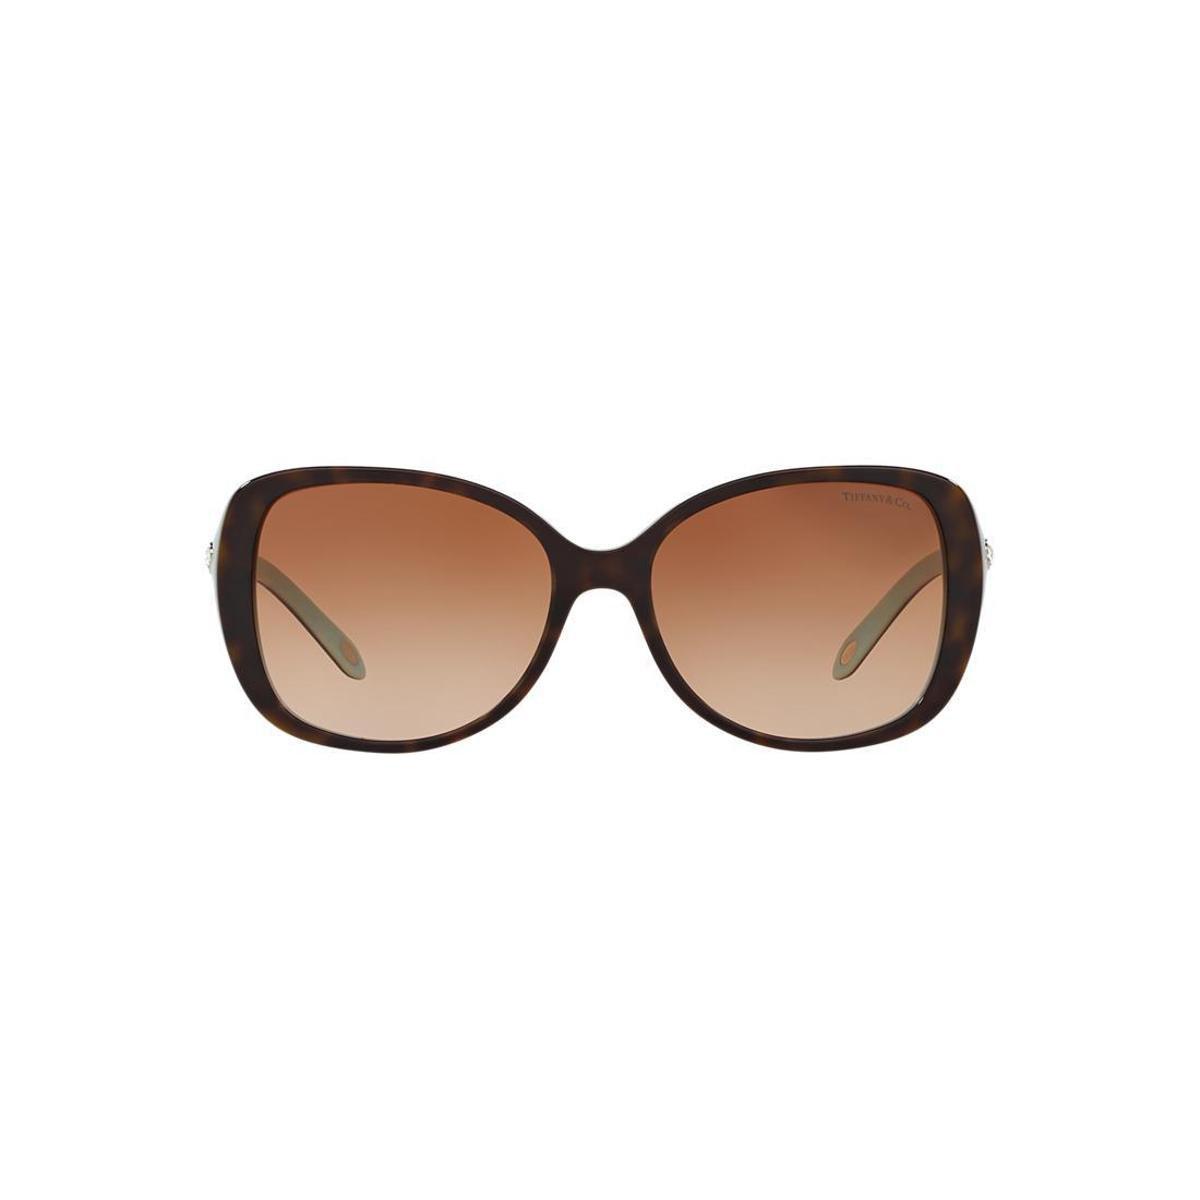 f7cd48a6421ec Óculos de Sol Tiffany   Co. Retangular TF4121B Feminino - Compre ...